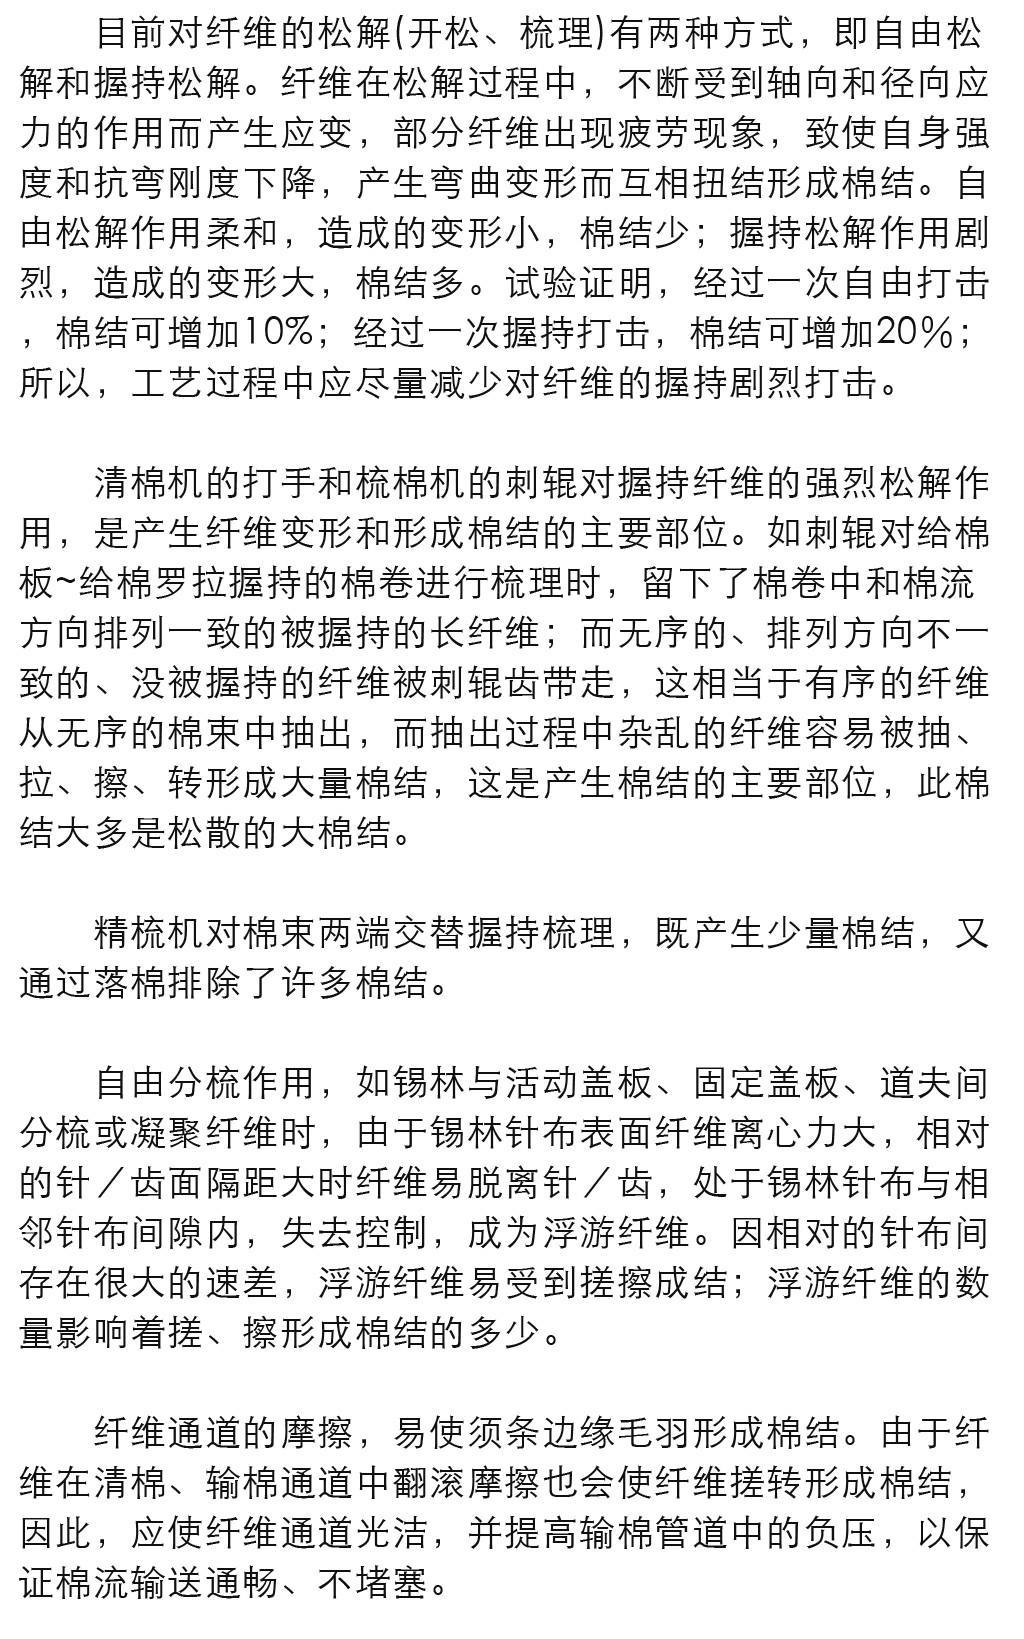 东莞自来水公司的股票怎么处理